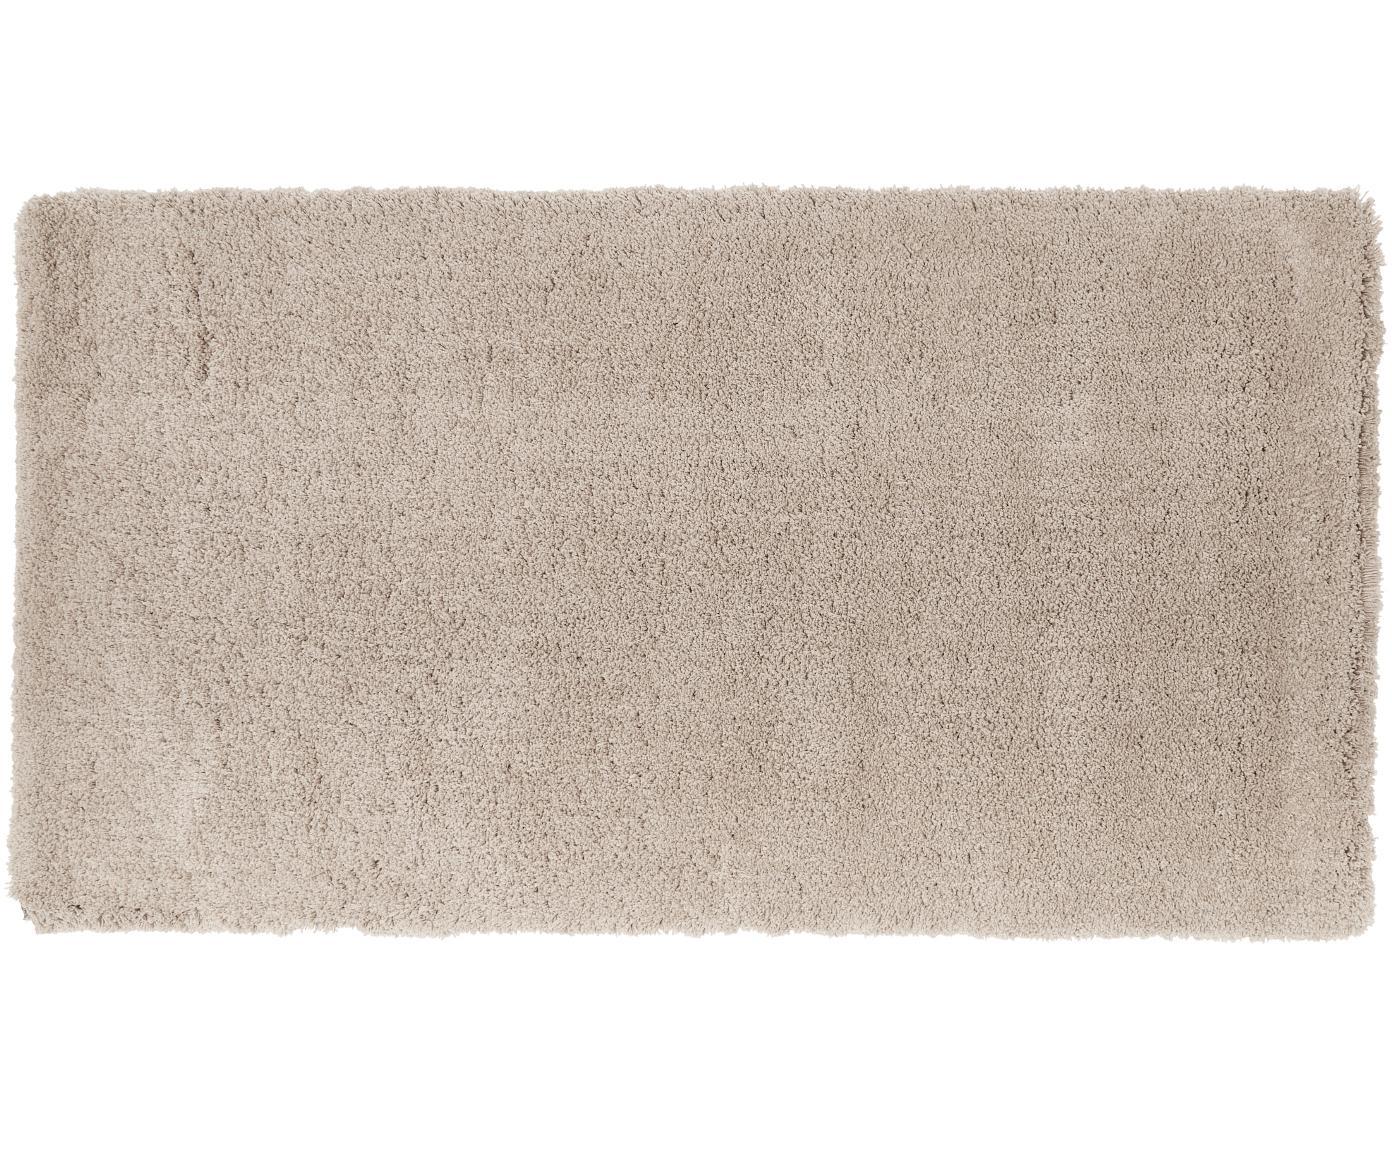 Pluizig hoogpolig vloerkleed Leighton in beige, Bovenzijde: 100% polyester (microveze, Onderzijde: 100% polyester, Beige, B 80 x L 150 cm (maat XS)